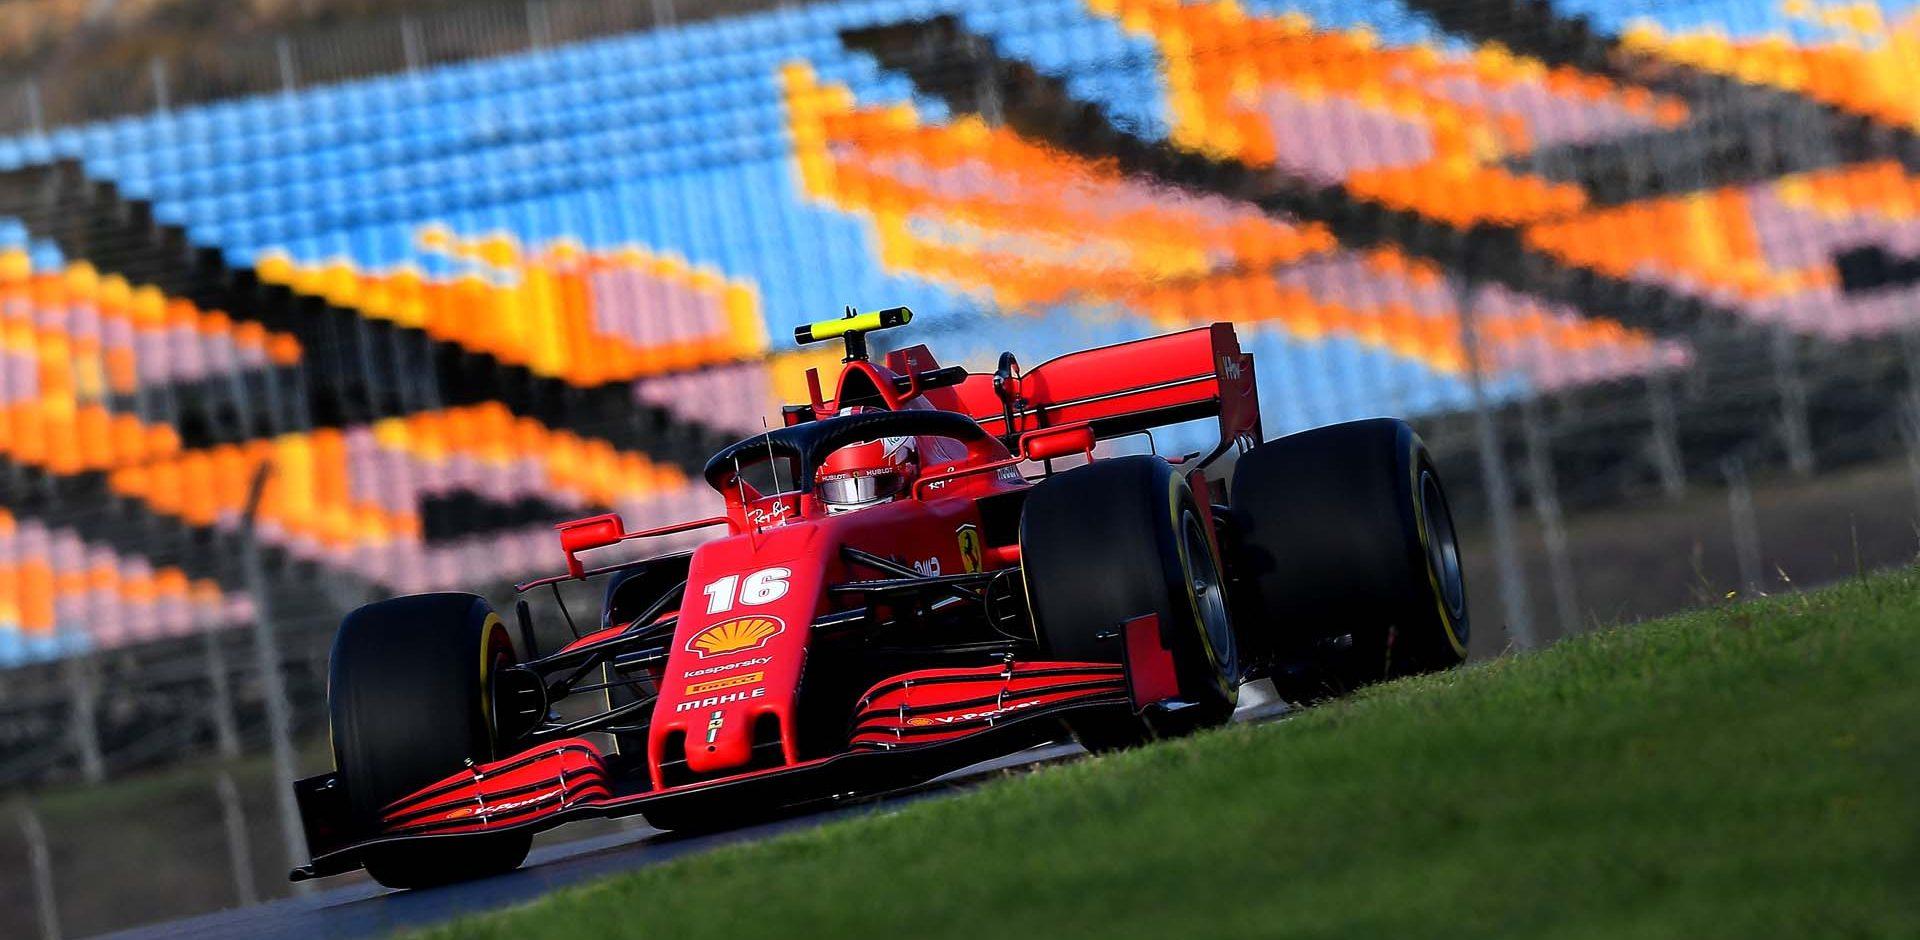 GP TURCHIA  F1/2020 -  VENERDÌ  13/11/2020    credit: @Scuderia Ferrari Press Office Charles Leclerc Ferrari